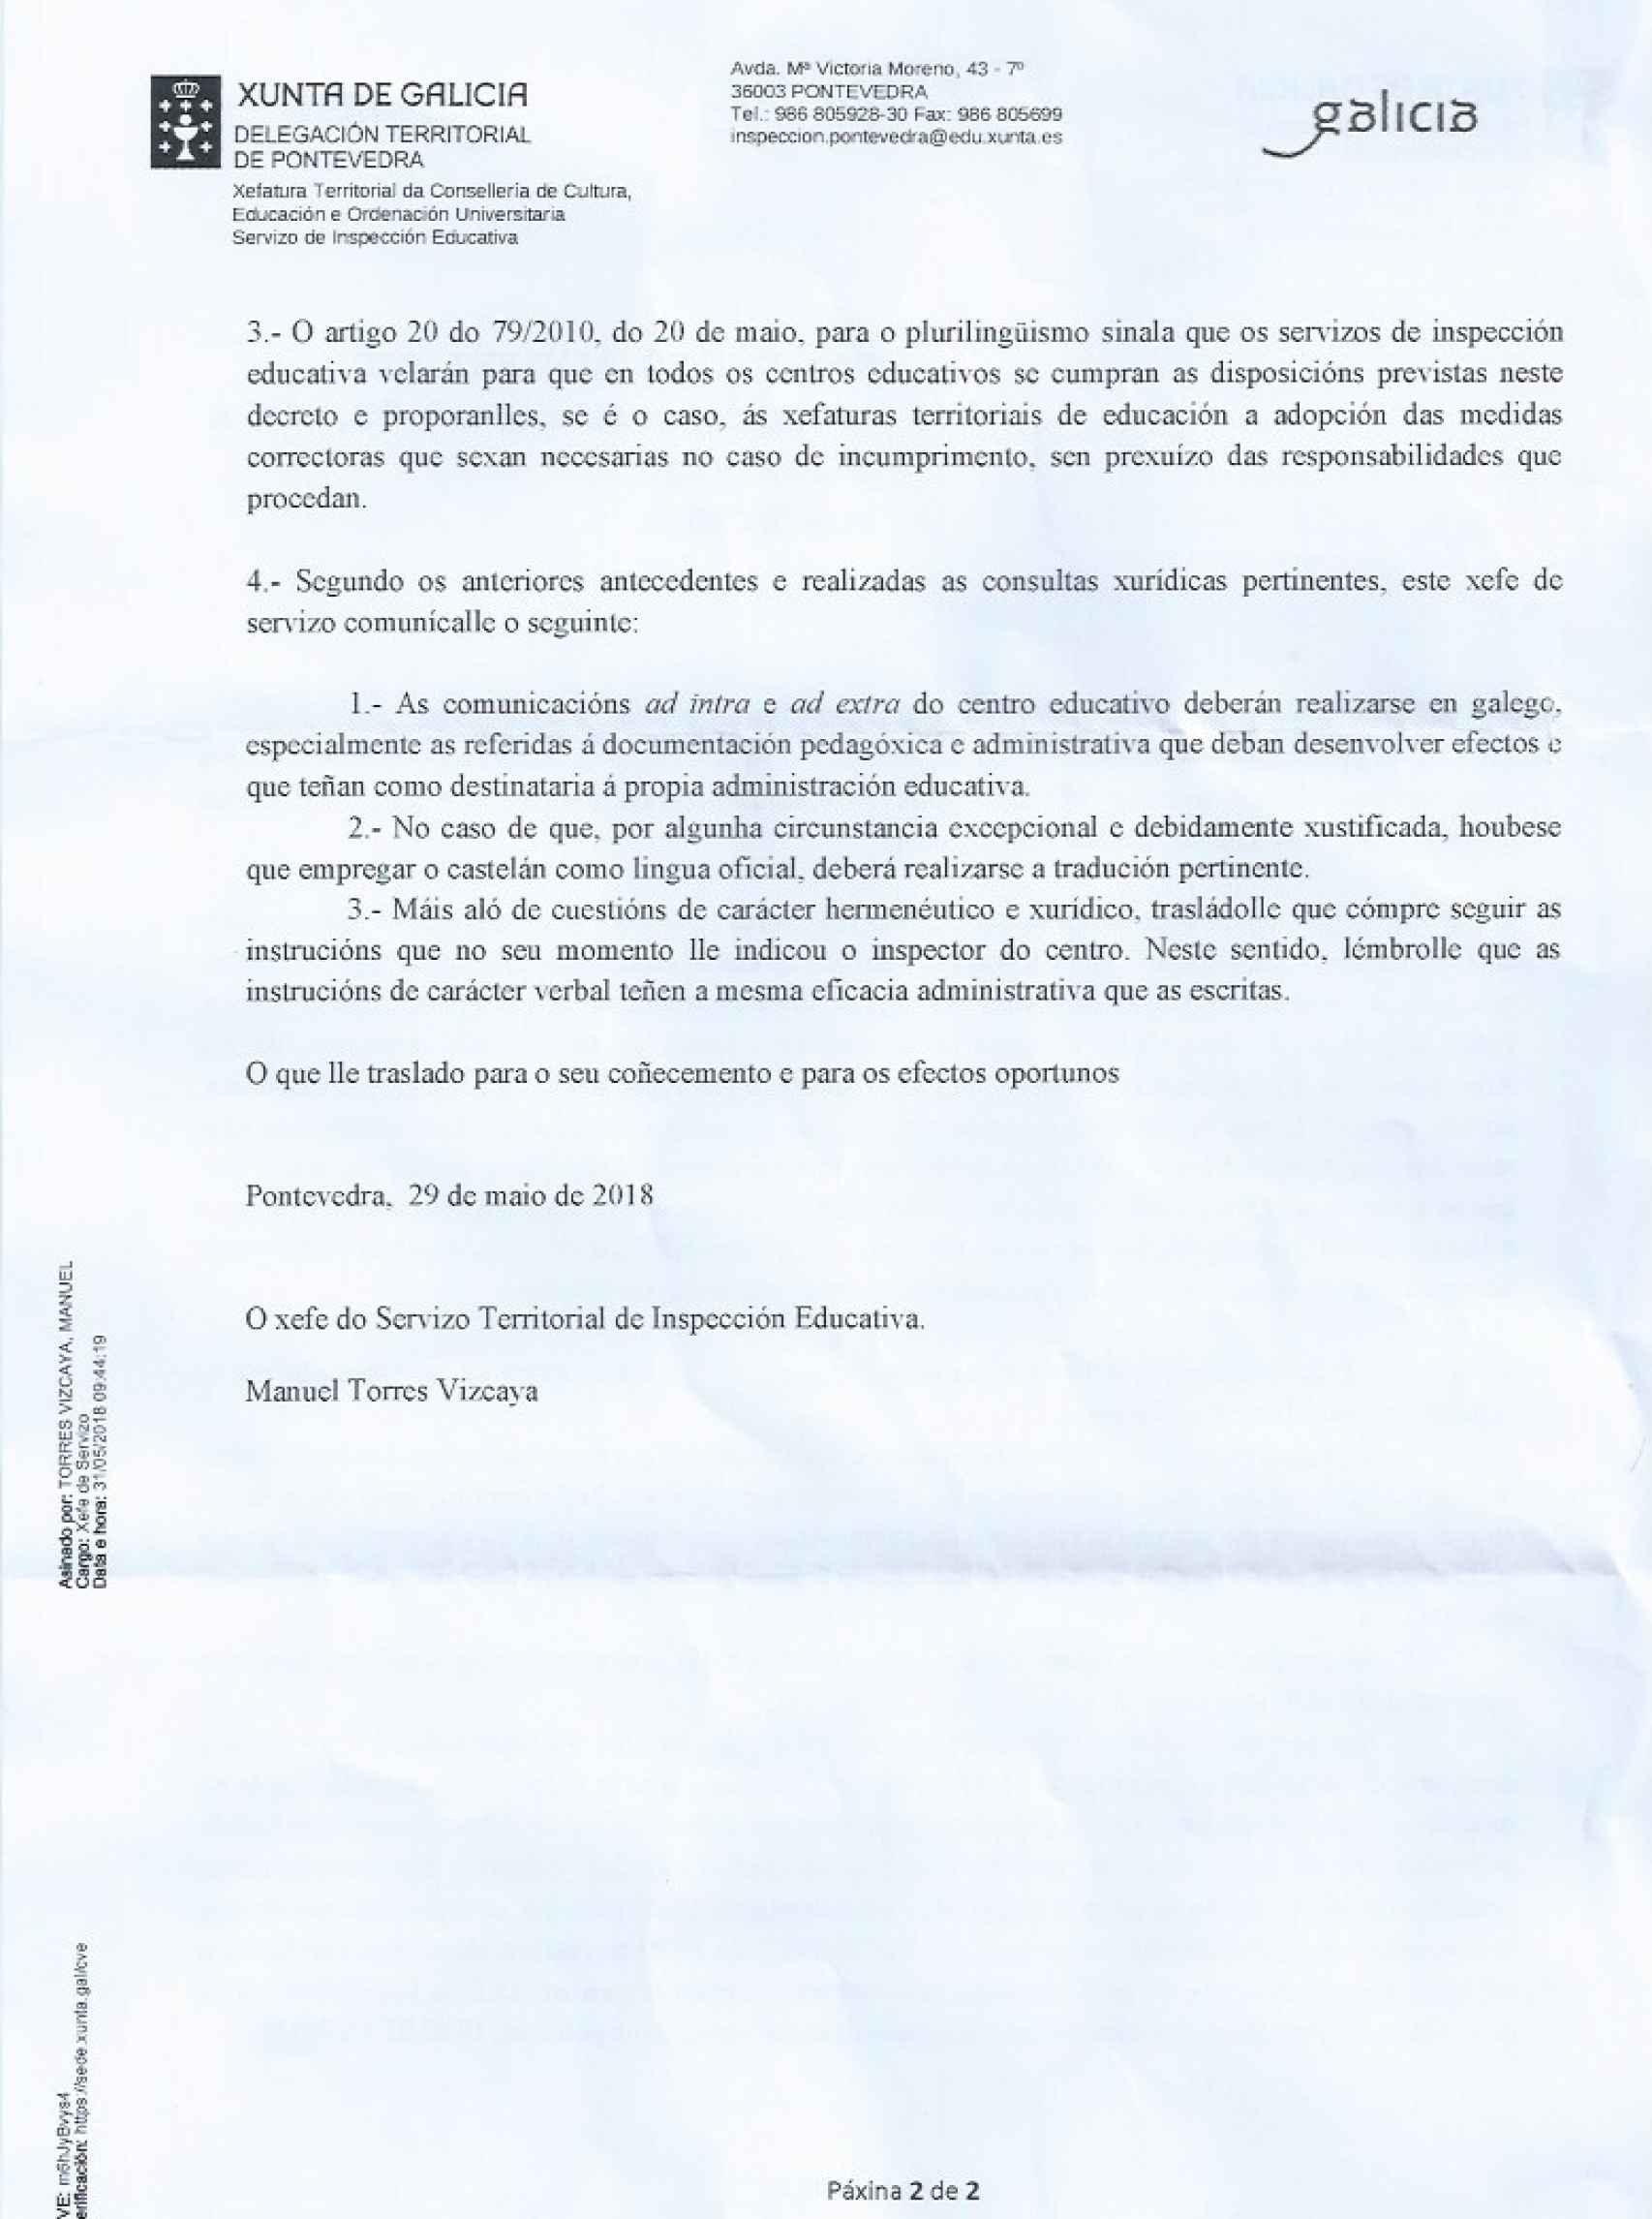 Contestación del inspector jefe de Pontevedra (página 2).